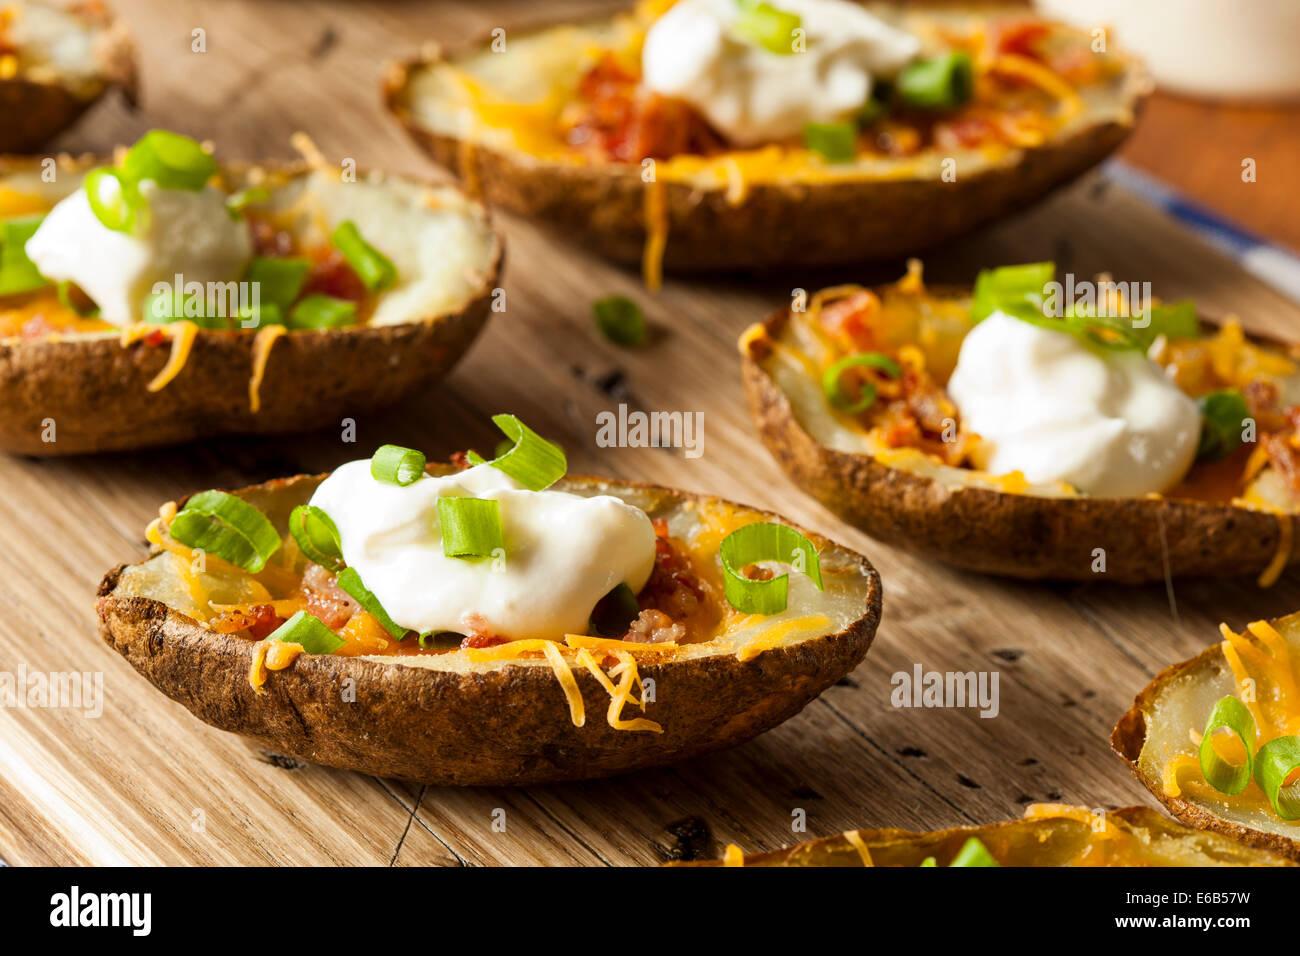 Las pieles de patata casero con tocino y queso crema agria Imagen De Stock